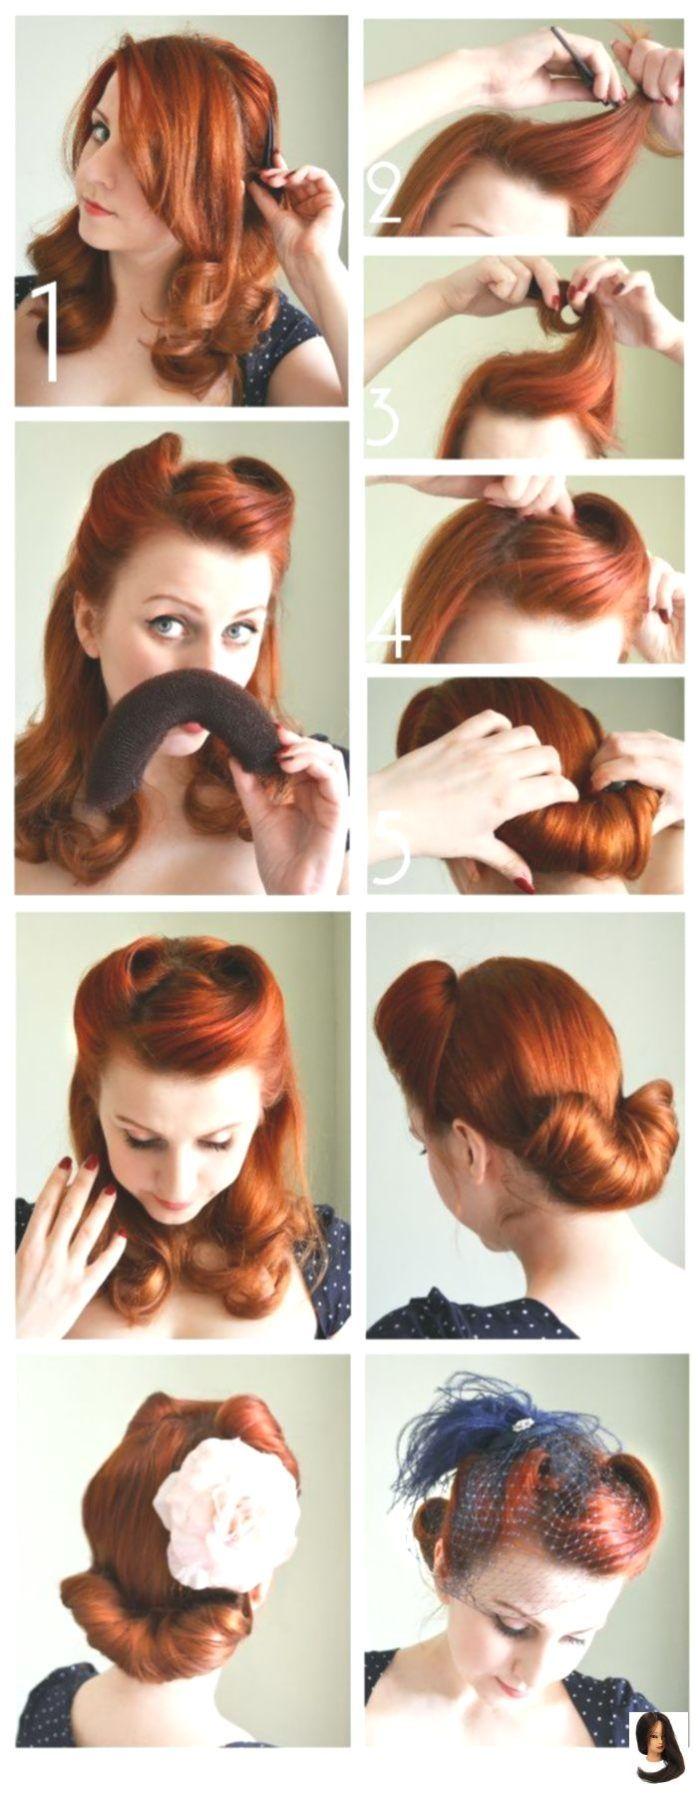 Hairstyles Vintage Die Rockabilly Frisur Durch Den Blick Der Modernen Frau Anleitungen Fur Rockige Frauen Rockabilly Frisur Retro Haar Vintage Hochsteckfrisur